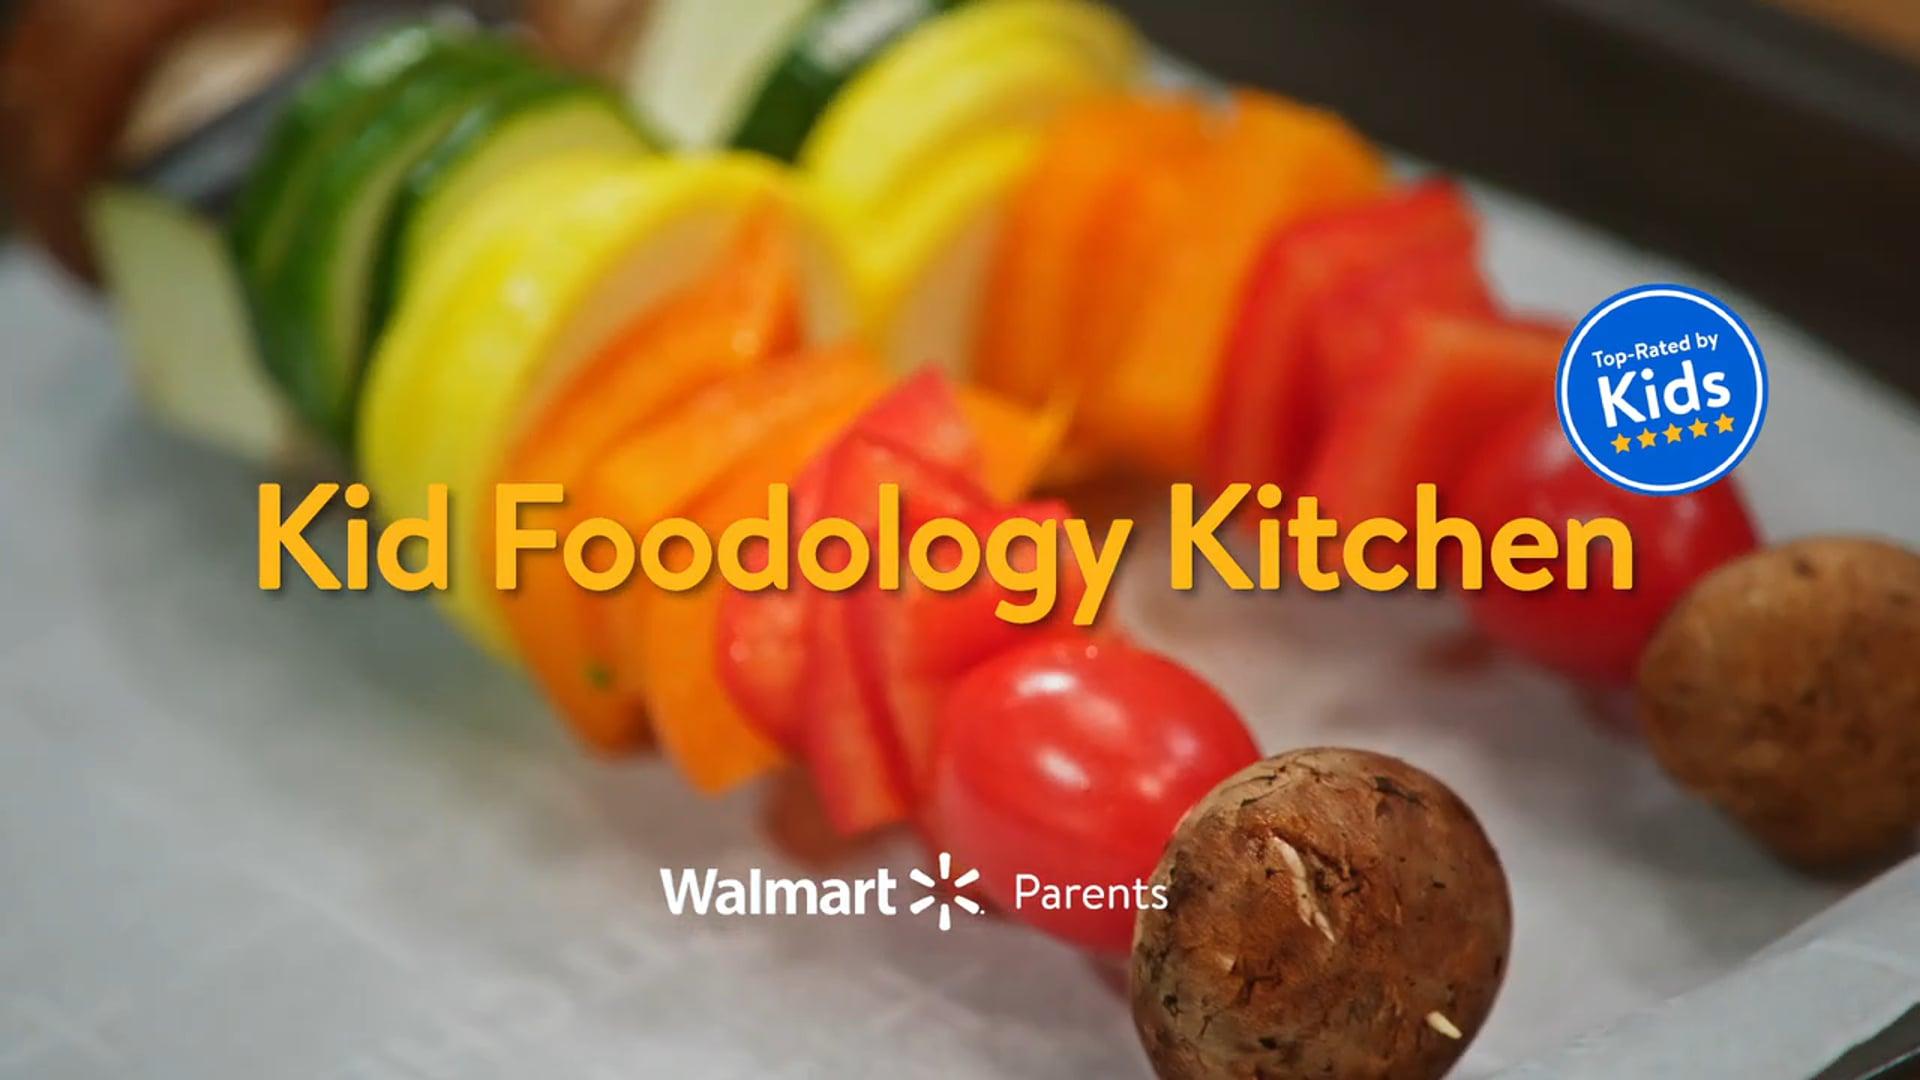 Walmart Cooking Show Host